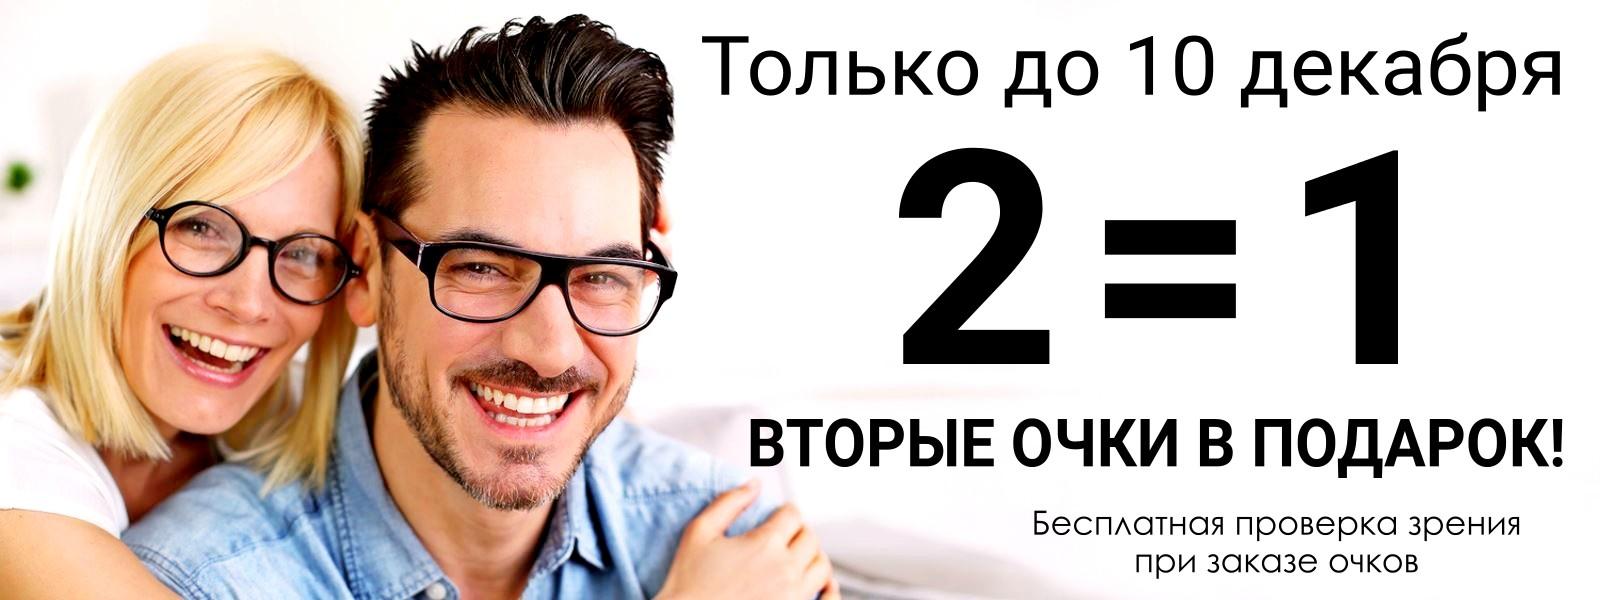 Акция 2+1 (вторые очки бесплатно)